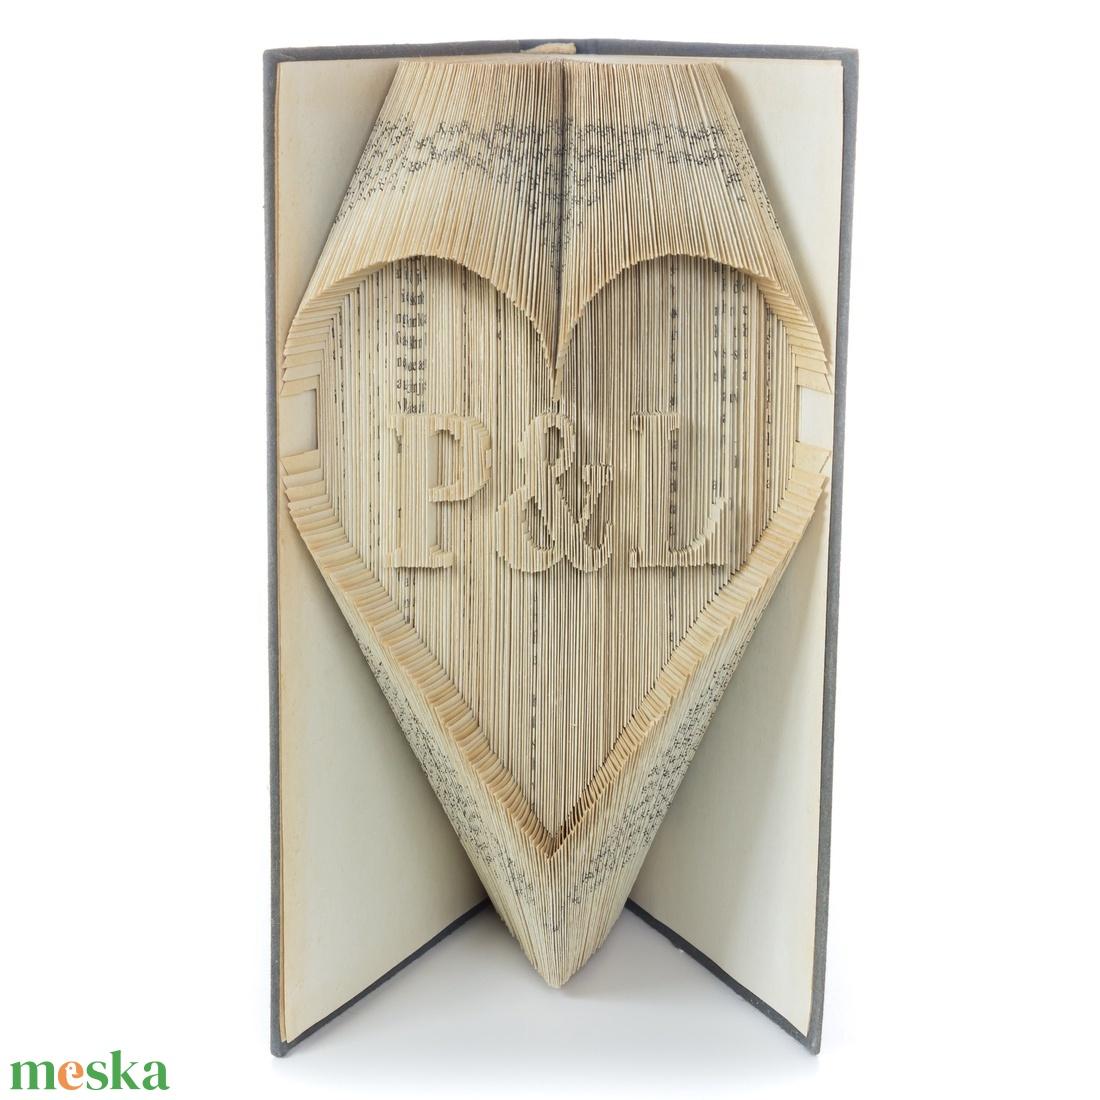 Prémium Nászajándék könyvszobor egyedi felirattal, Monogram, Kreatív Esküvőre, Lakodalomba, E903 (Wolfabric) - Meska.hu